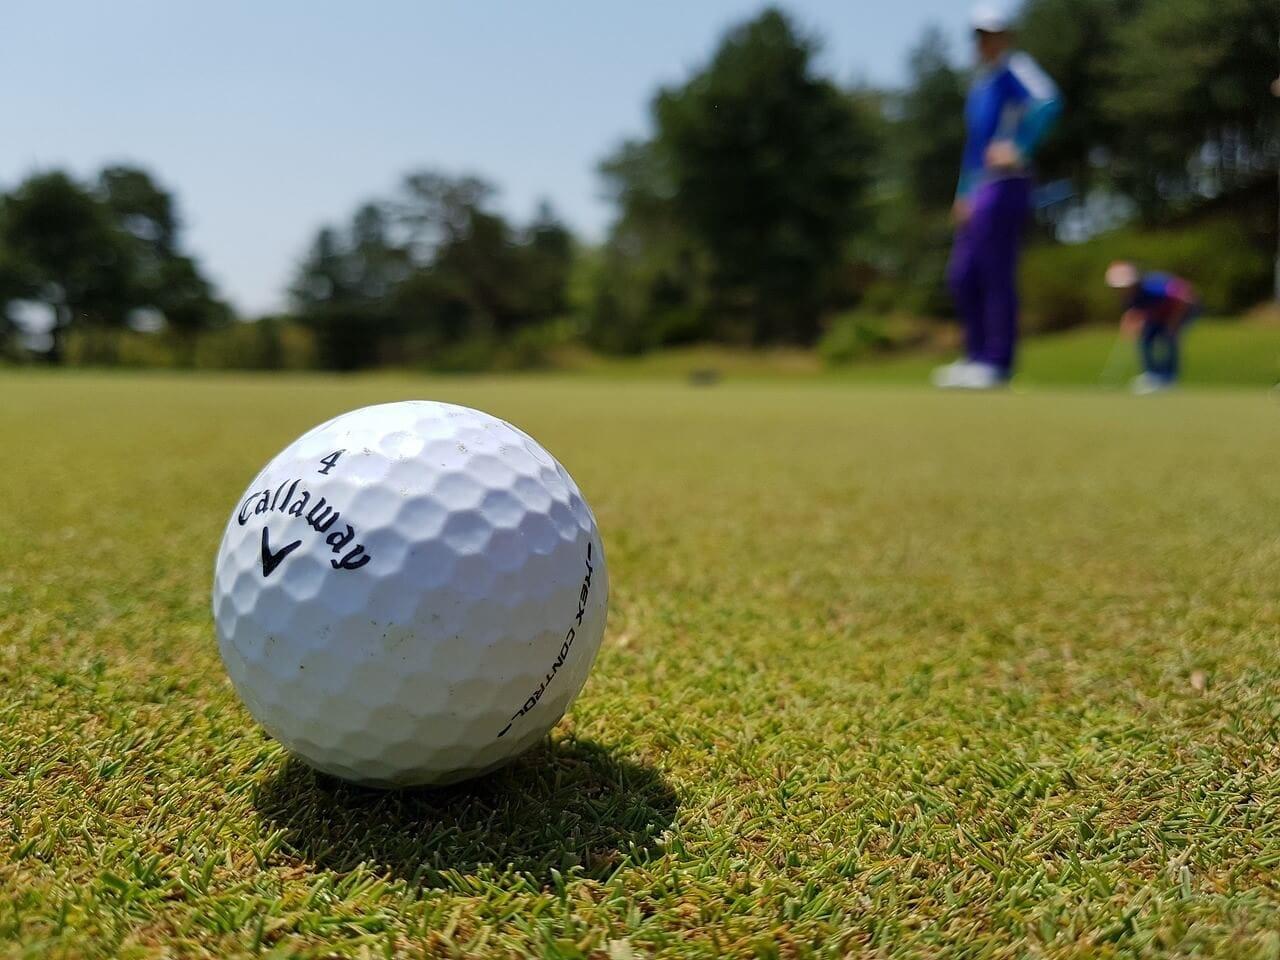 ゴルフ場とゴルフボール